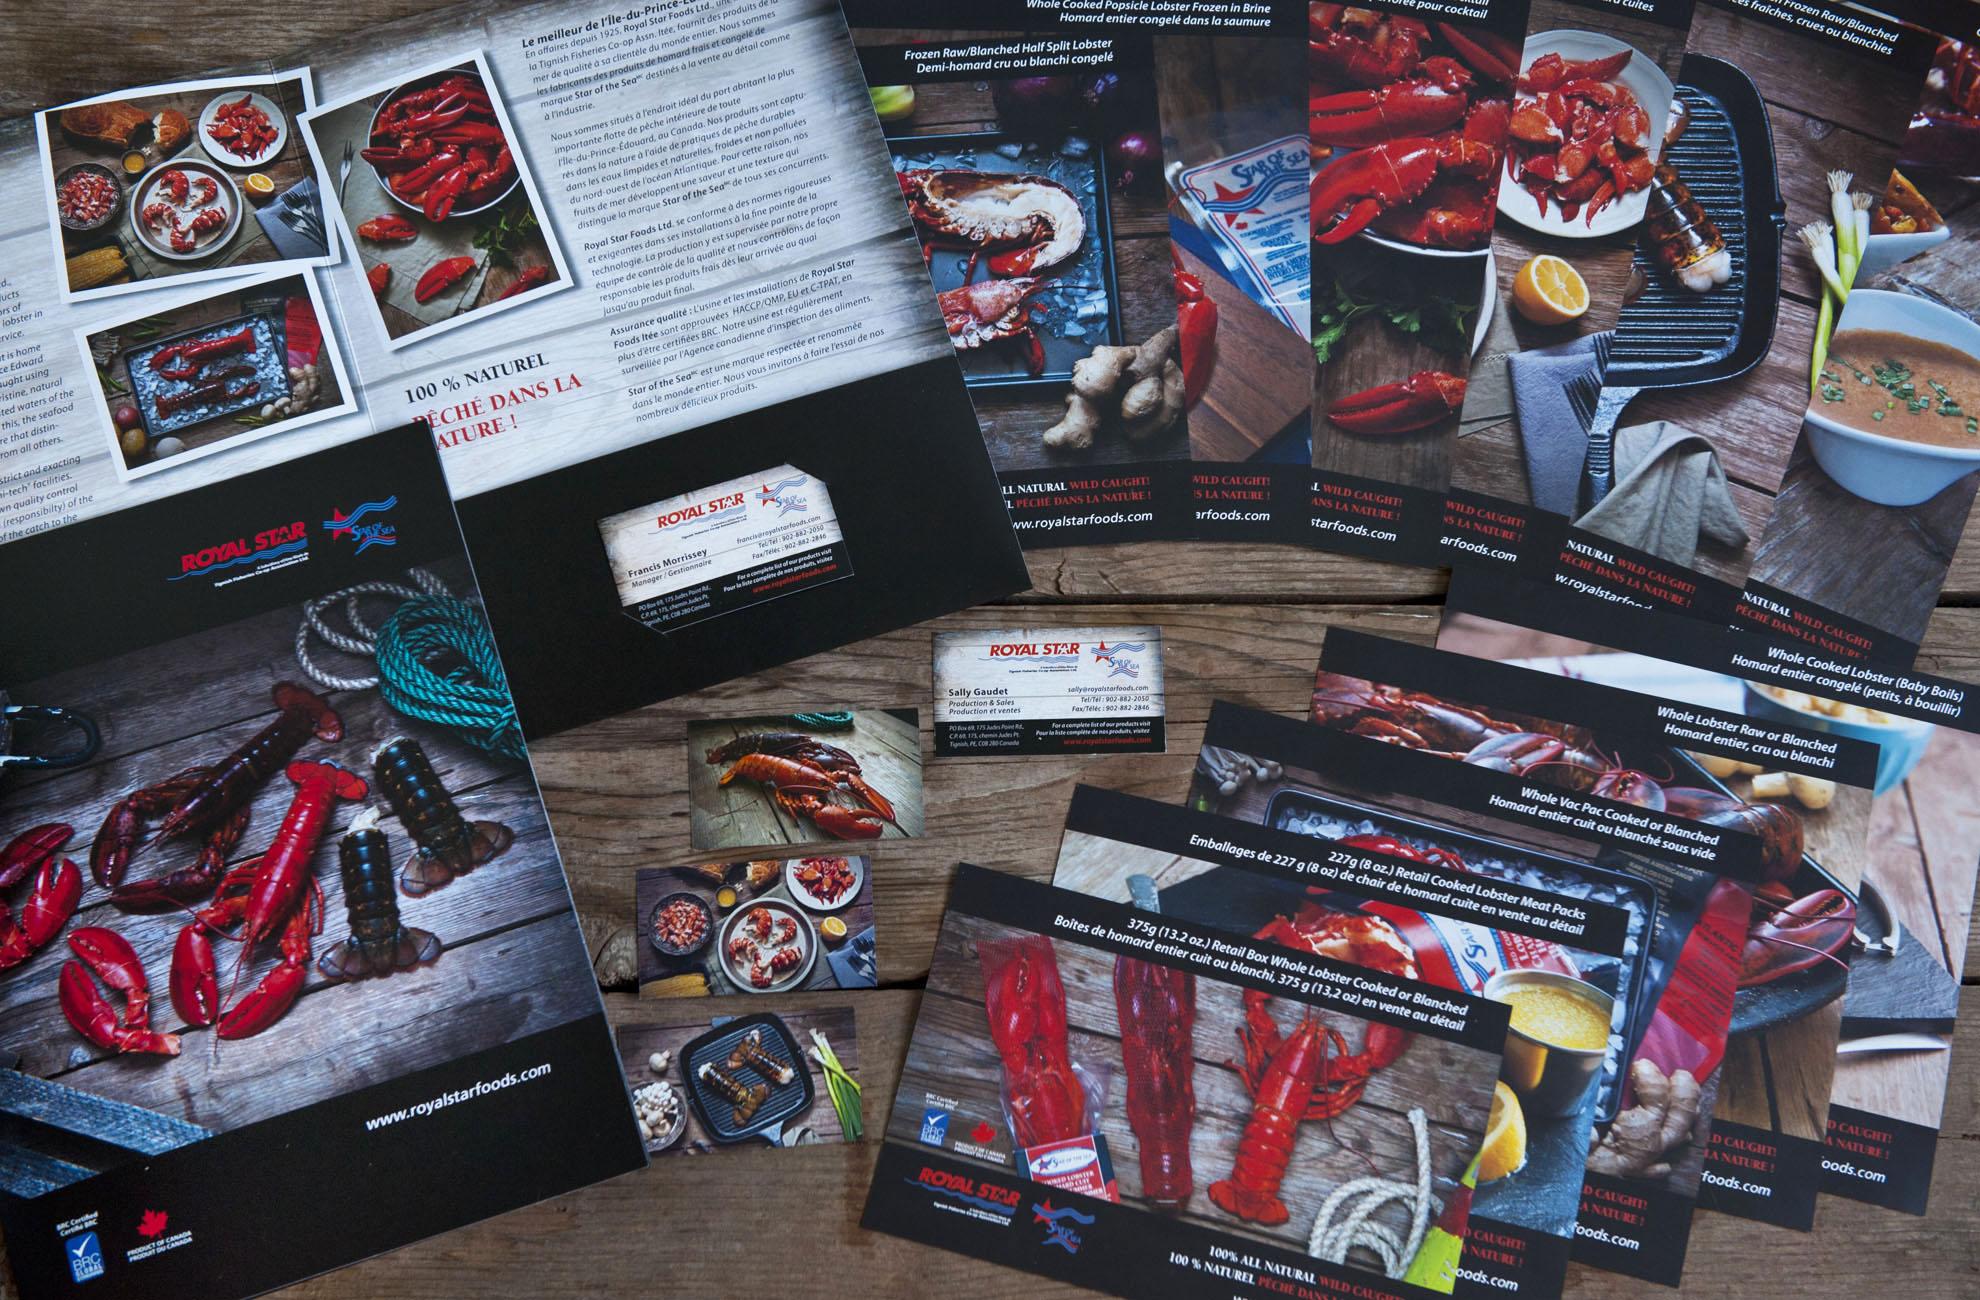 Royal Star Foods Pocket Folder Product Sheets